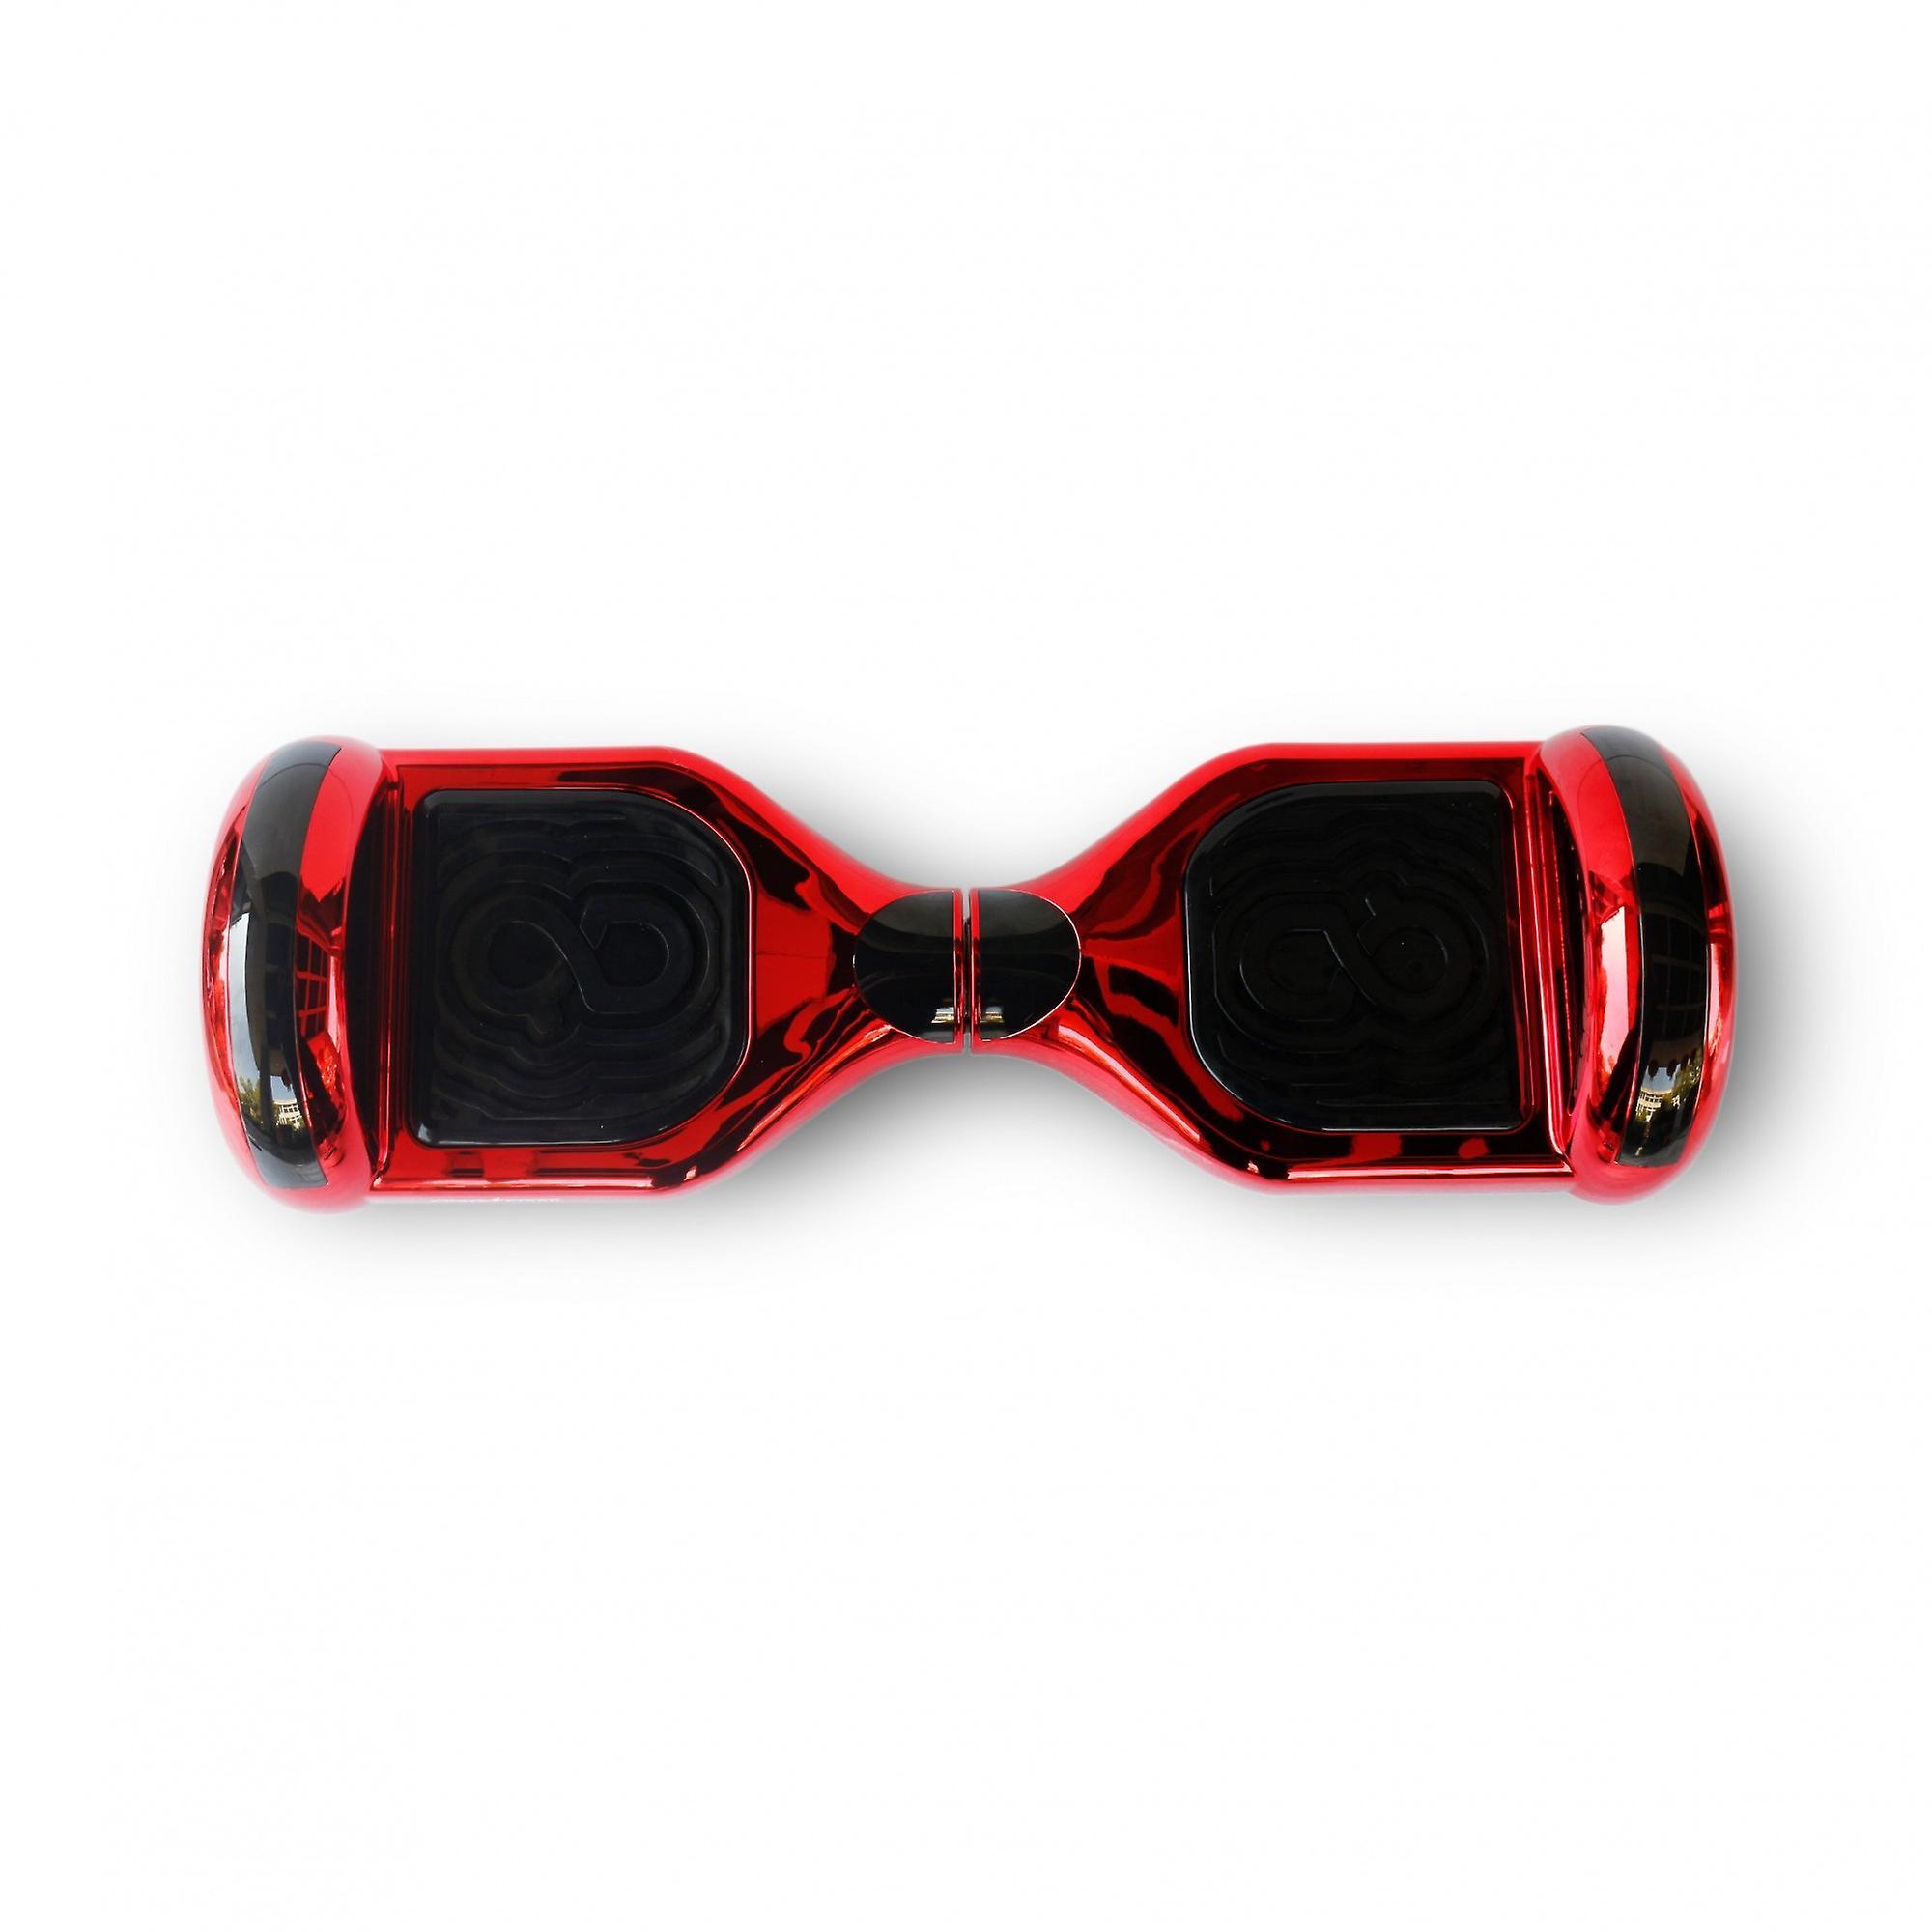 Hoverboard Skateflash K6 Chrome Red Bluetooth + Transport Bag